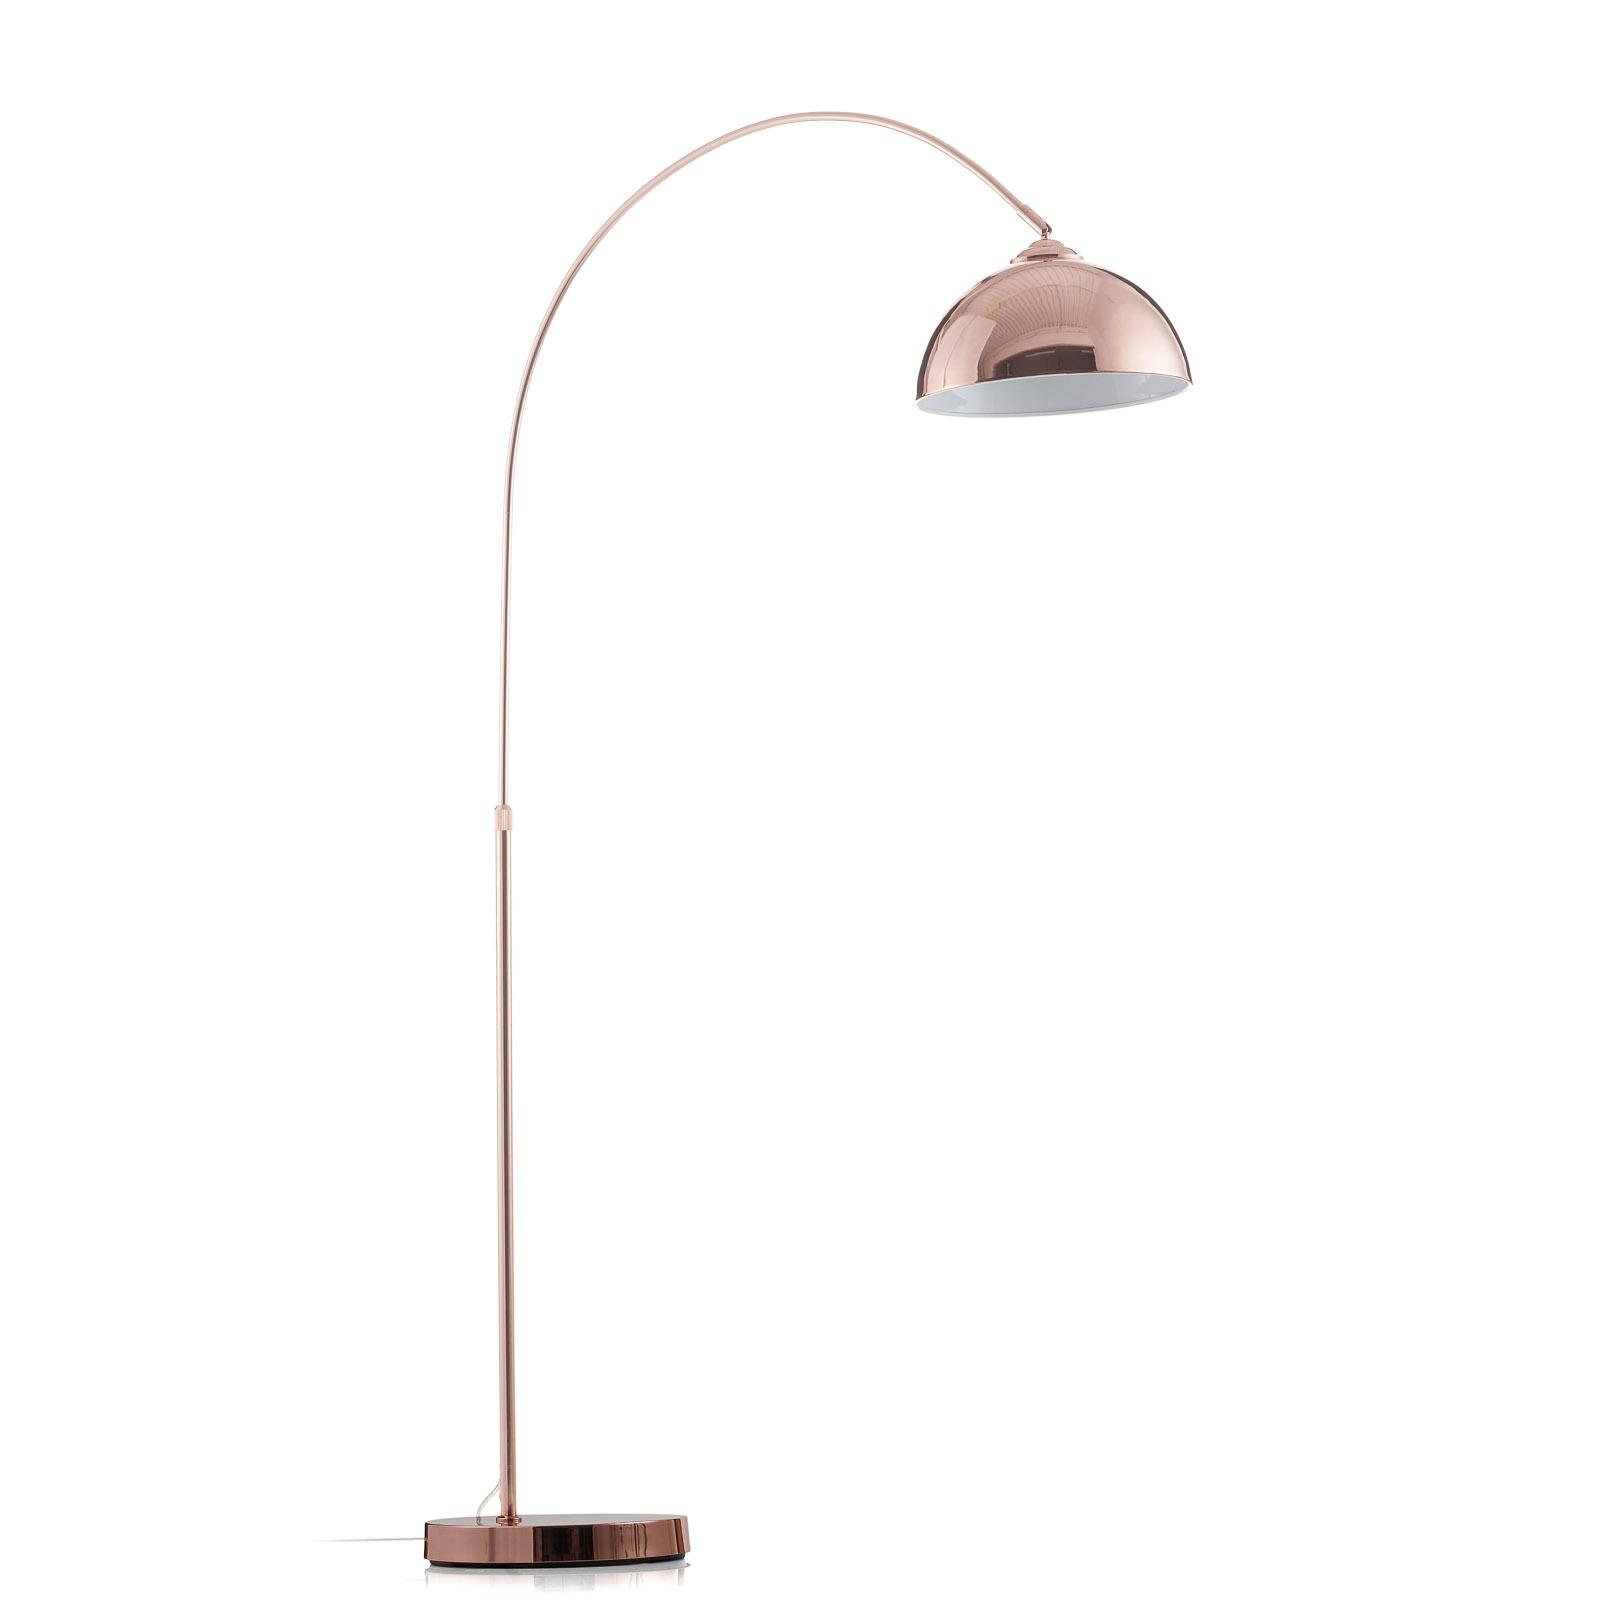 Oblouková stojací lampa Pelin